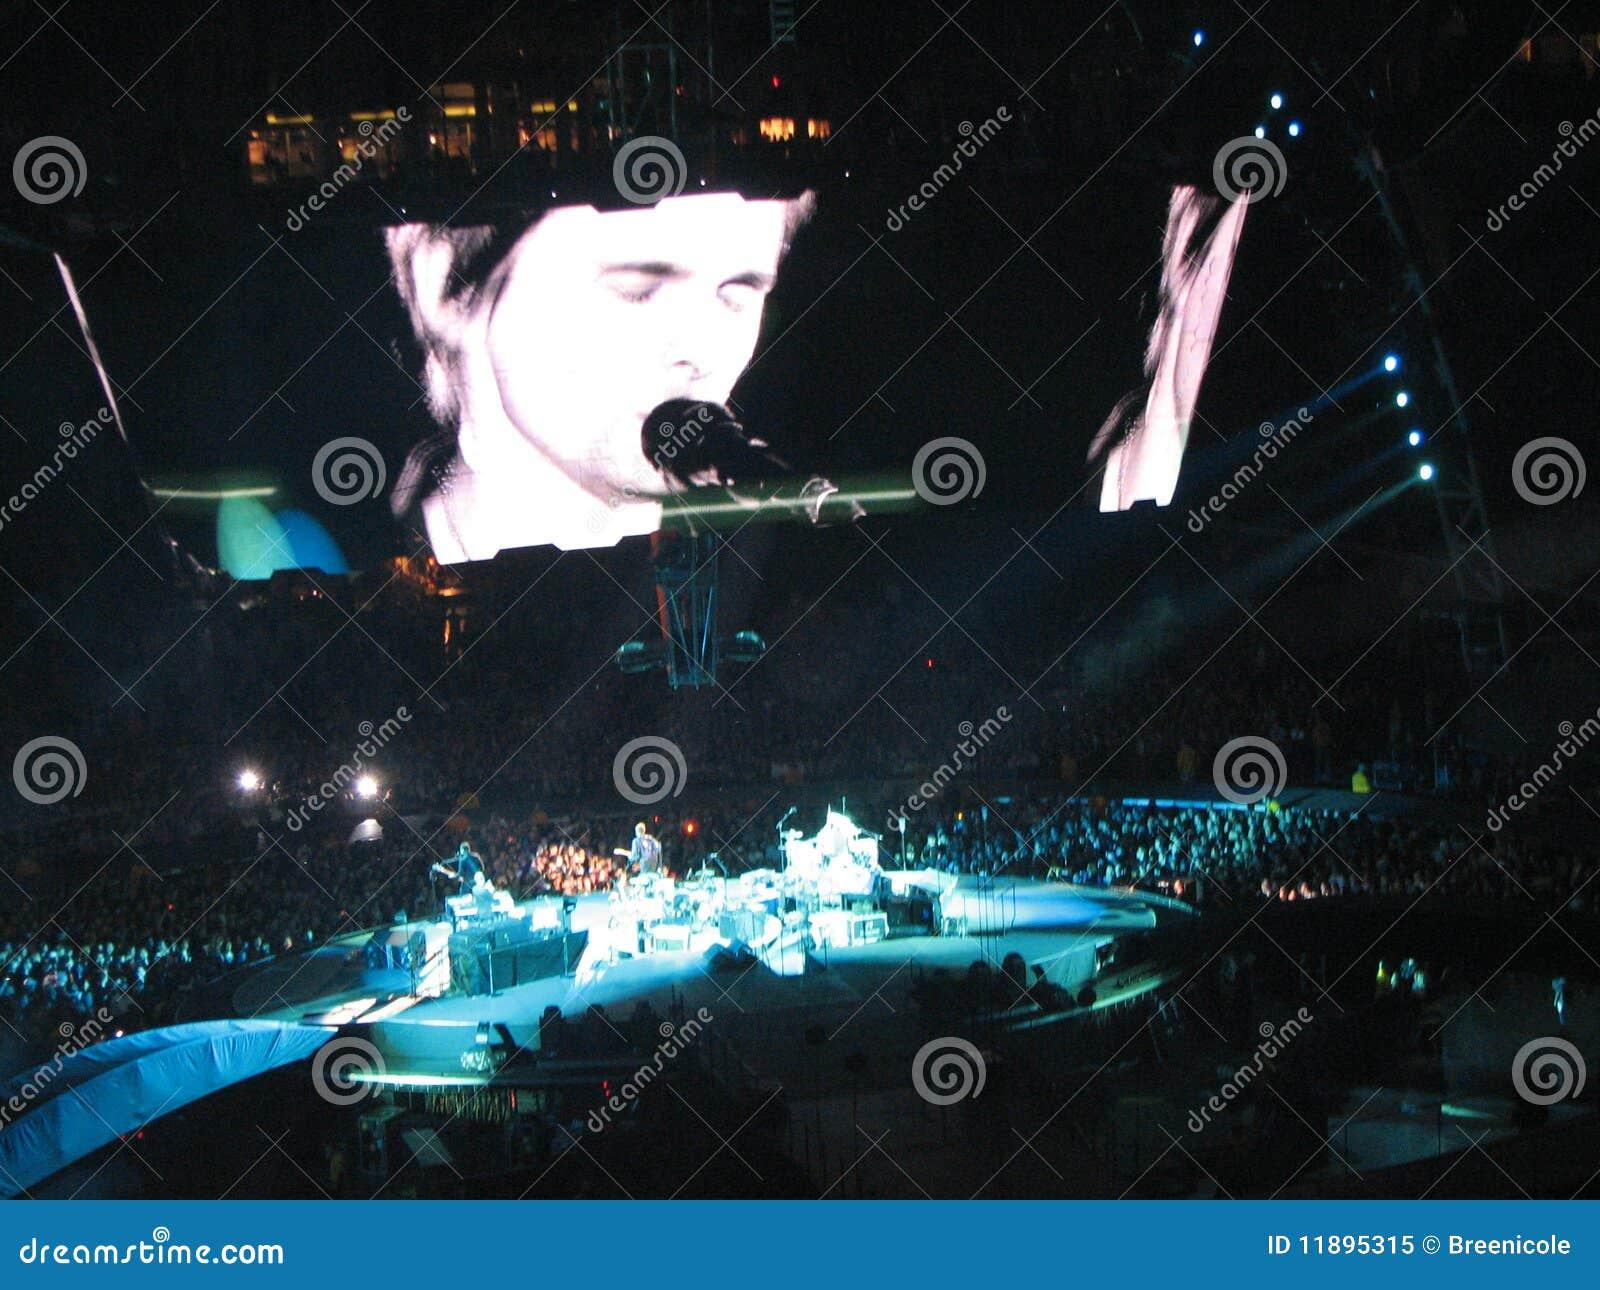 Concerto do musa outubro em 1, 2009